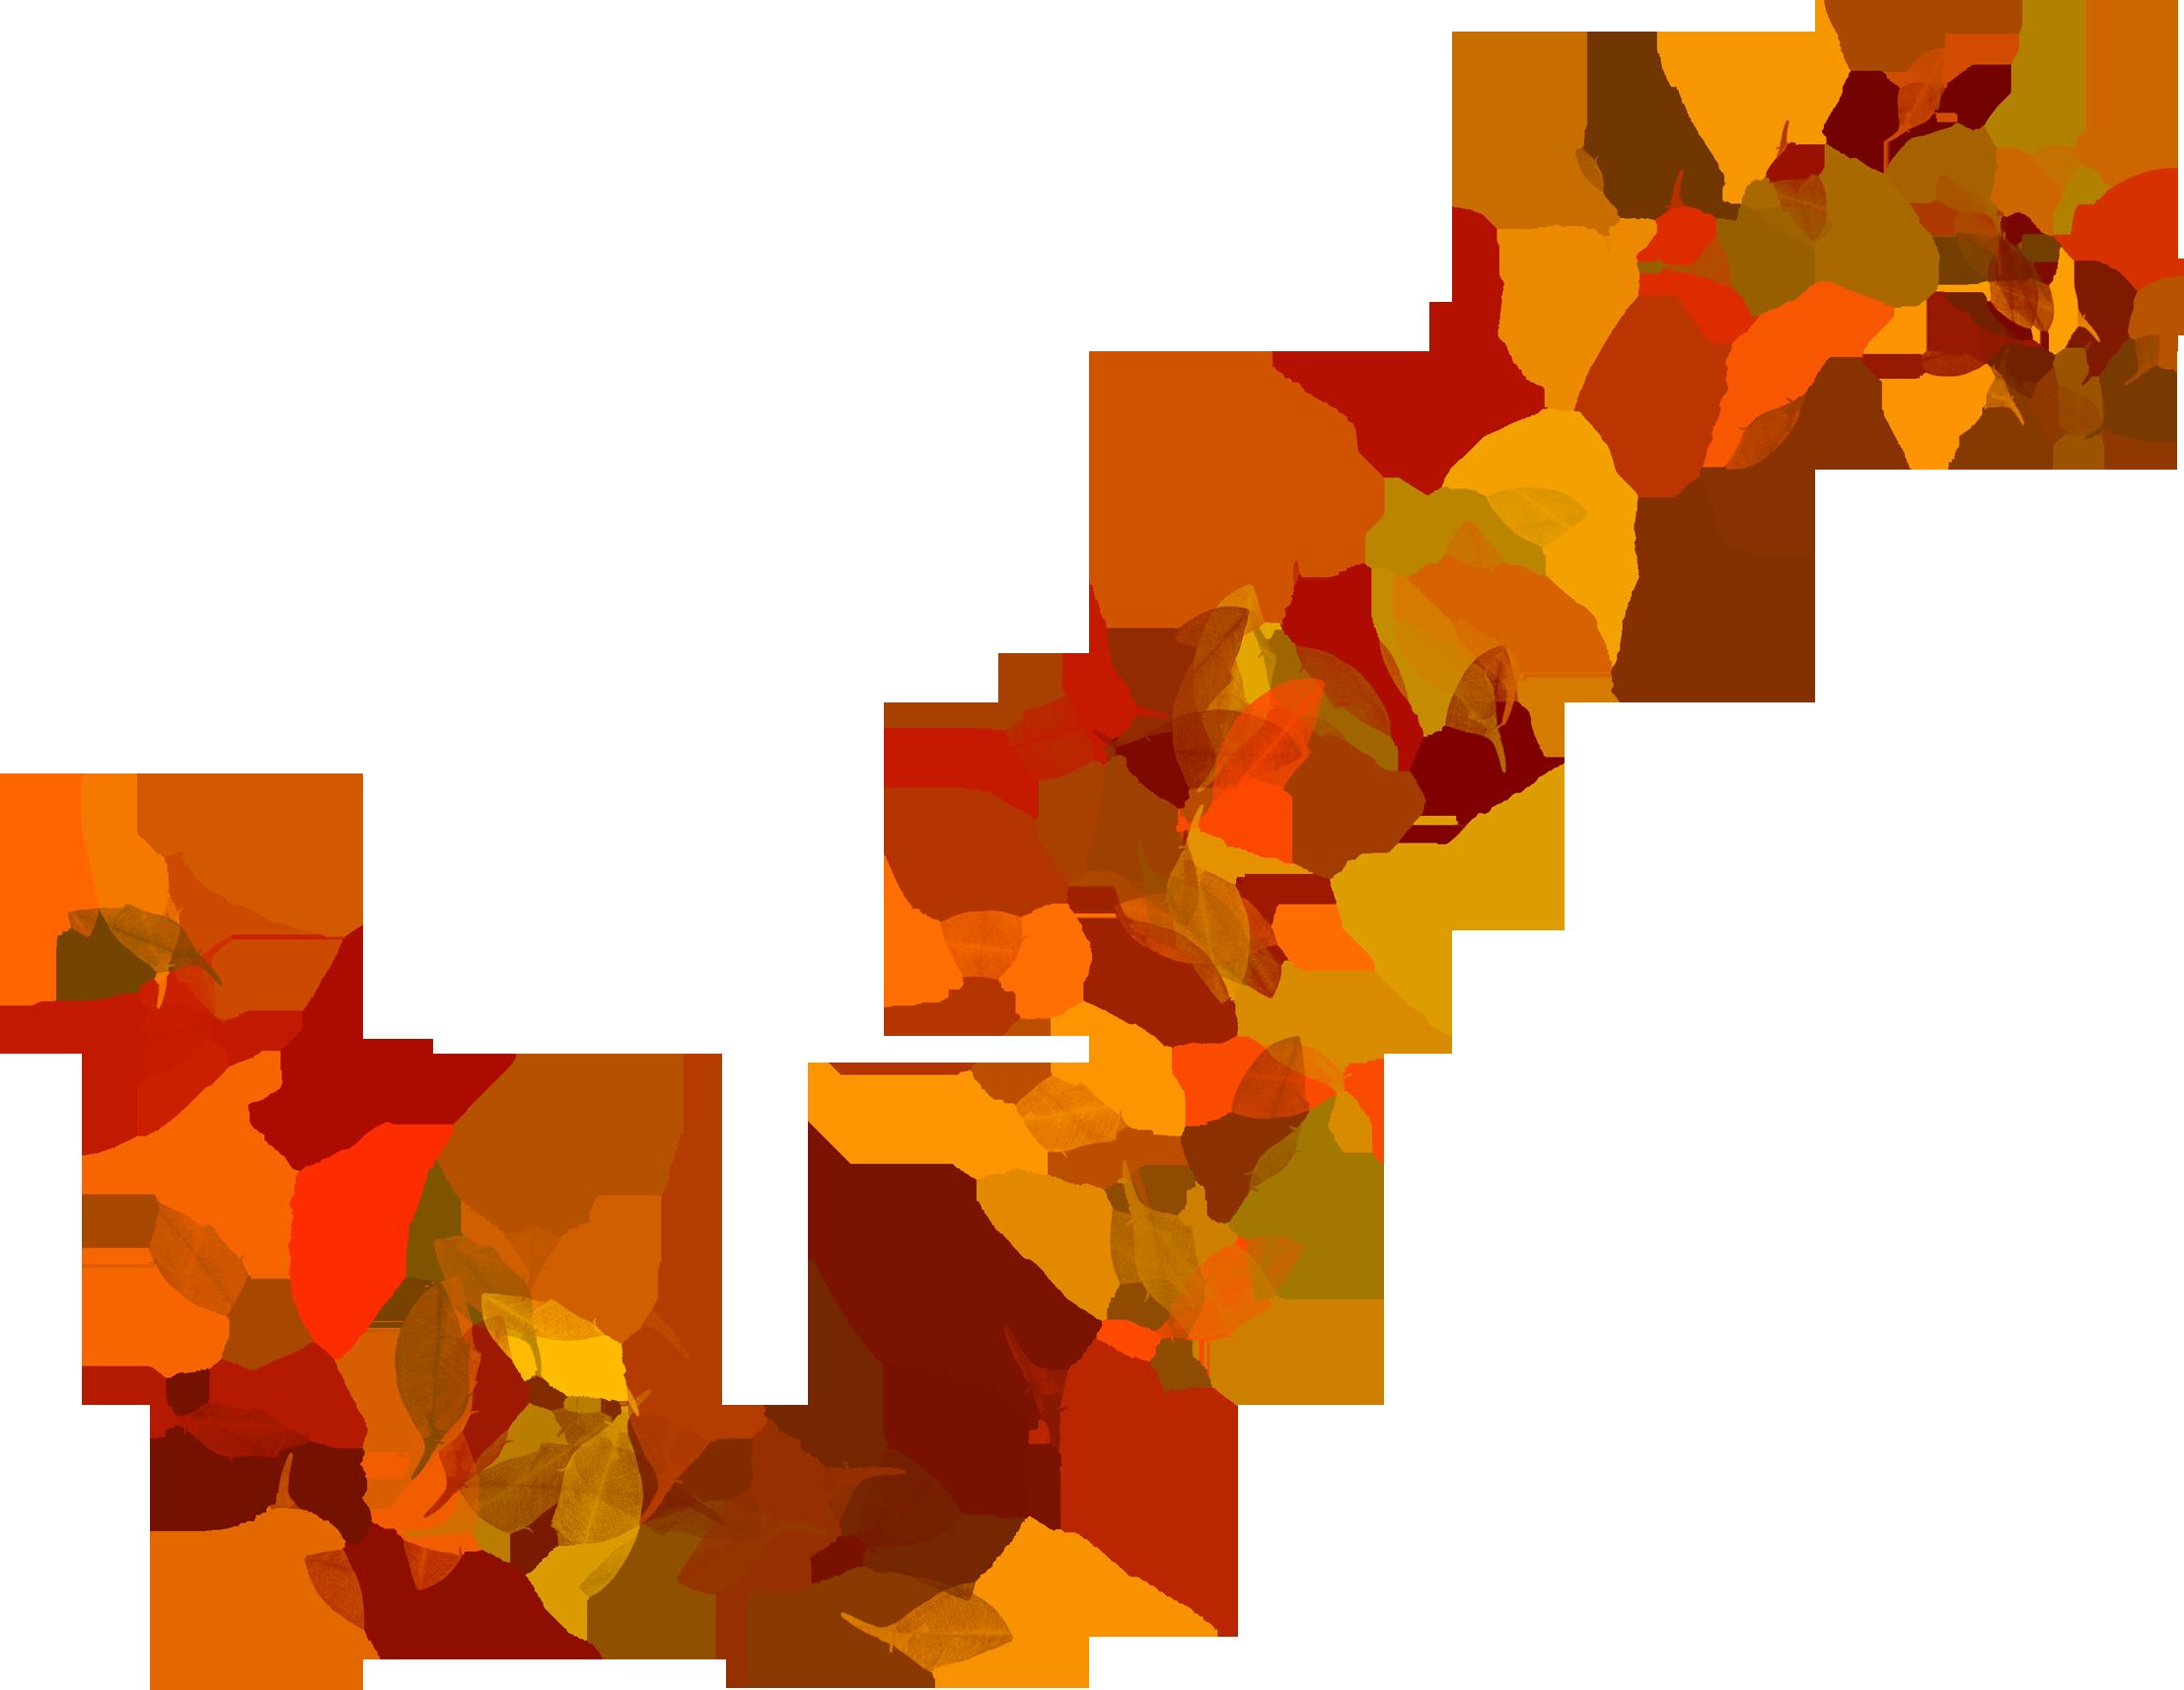 изображение листьев осенних